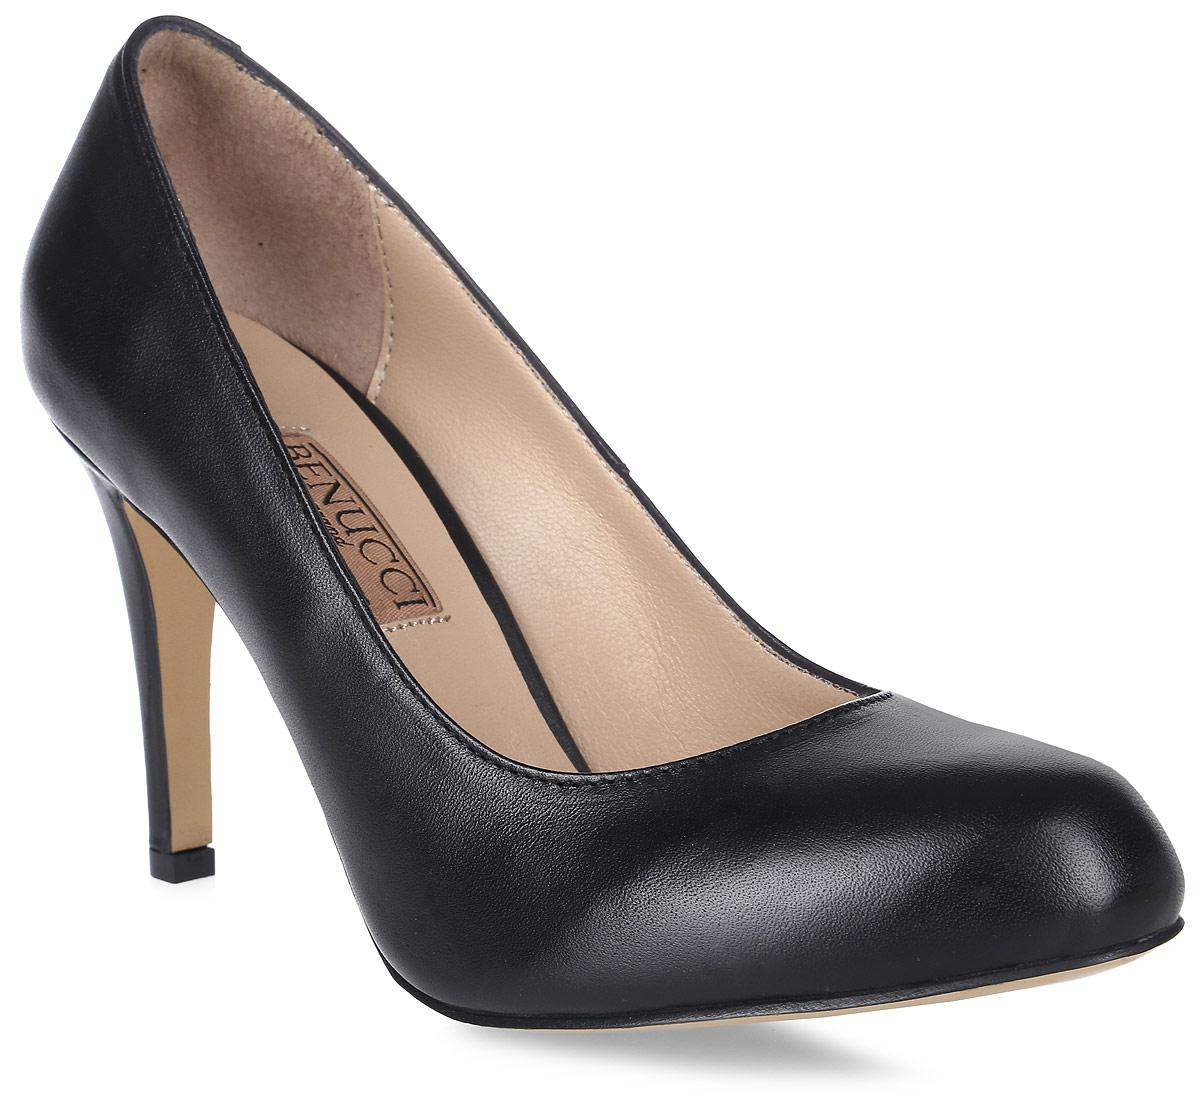 Туфли женские Benucci, цвет: черный. 8070_кожа. Размер 388070_кожаЭлегантные женские туфли от Benucci займут достойное место в коллекции вашей обуви. Модель изготовлена из высококачественной натуральной кожи. Невероятно мягкая стелька из натуральной кожи, дополненная логотипом бренда, обеспечивает максимальный комфорт при движении. Высокий каблук устойчив. Подошва с рифлением не скользит. Изысканные туфли добавят шика в модный образ и подчеркнут ваш безупречный вкус.